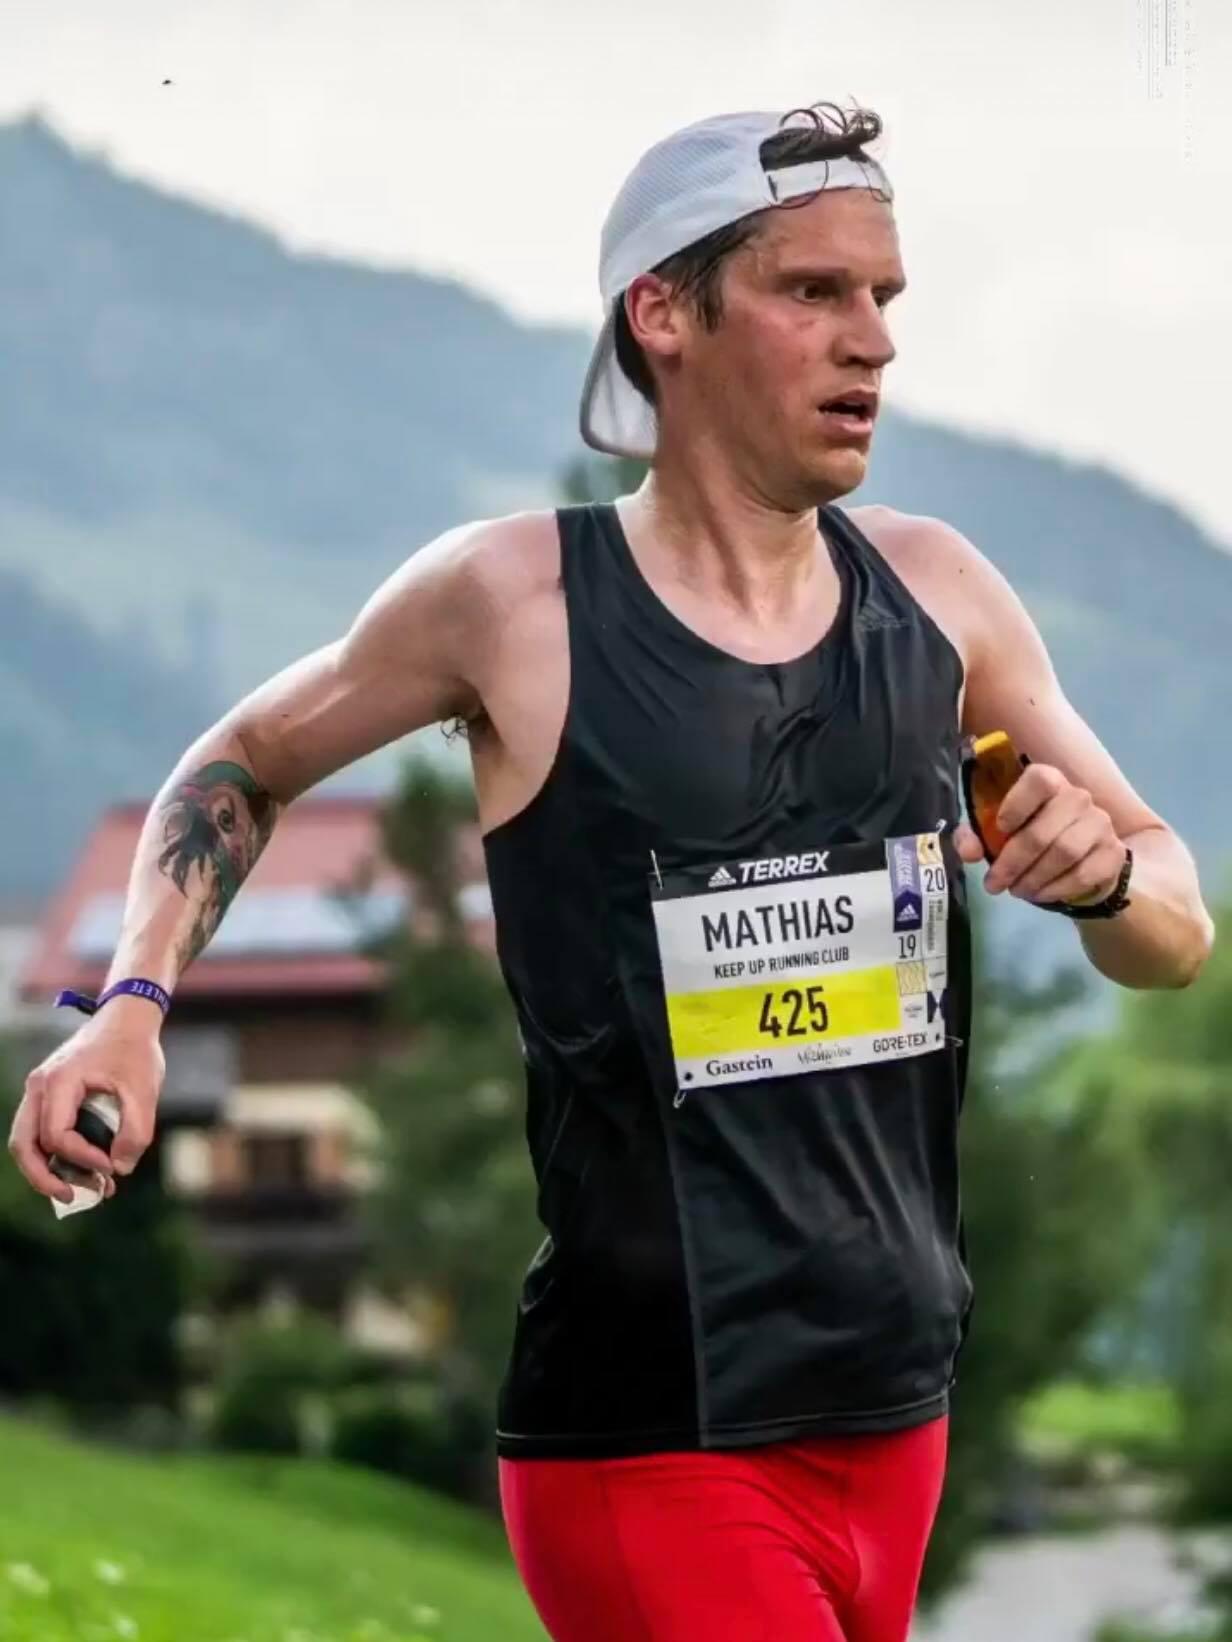 """Mathias Ösmark gör sin andra ultra efter att ha fullföljt Ultravasan för några år sedan. """"Öset"""" sprang Berlin Marathon på 2.27 i höstas och är nu redo för en ny utmaning. 2,5 terrängvarv, 35 grader varmt och 3600 höjdmeter är vad som väntar. Hårt!"""